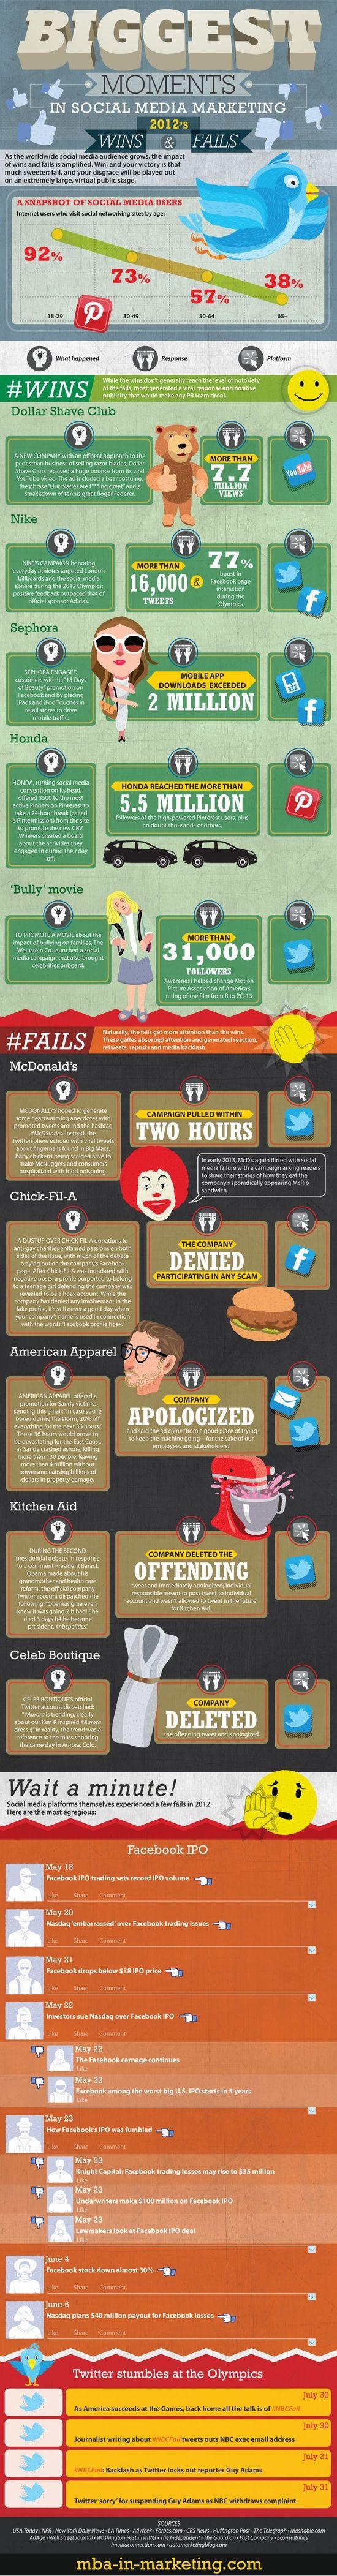 BIGGEST Moments in SOCIAL MEDIA MARKETING 2012 ...WINS , FAILS...